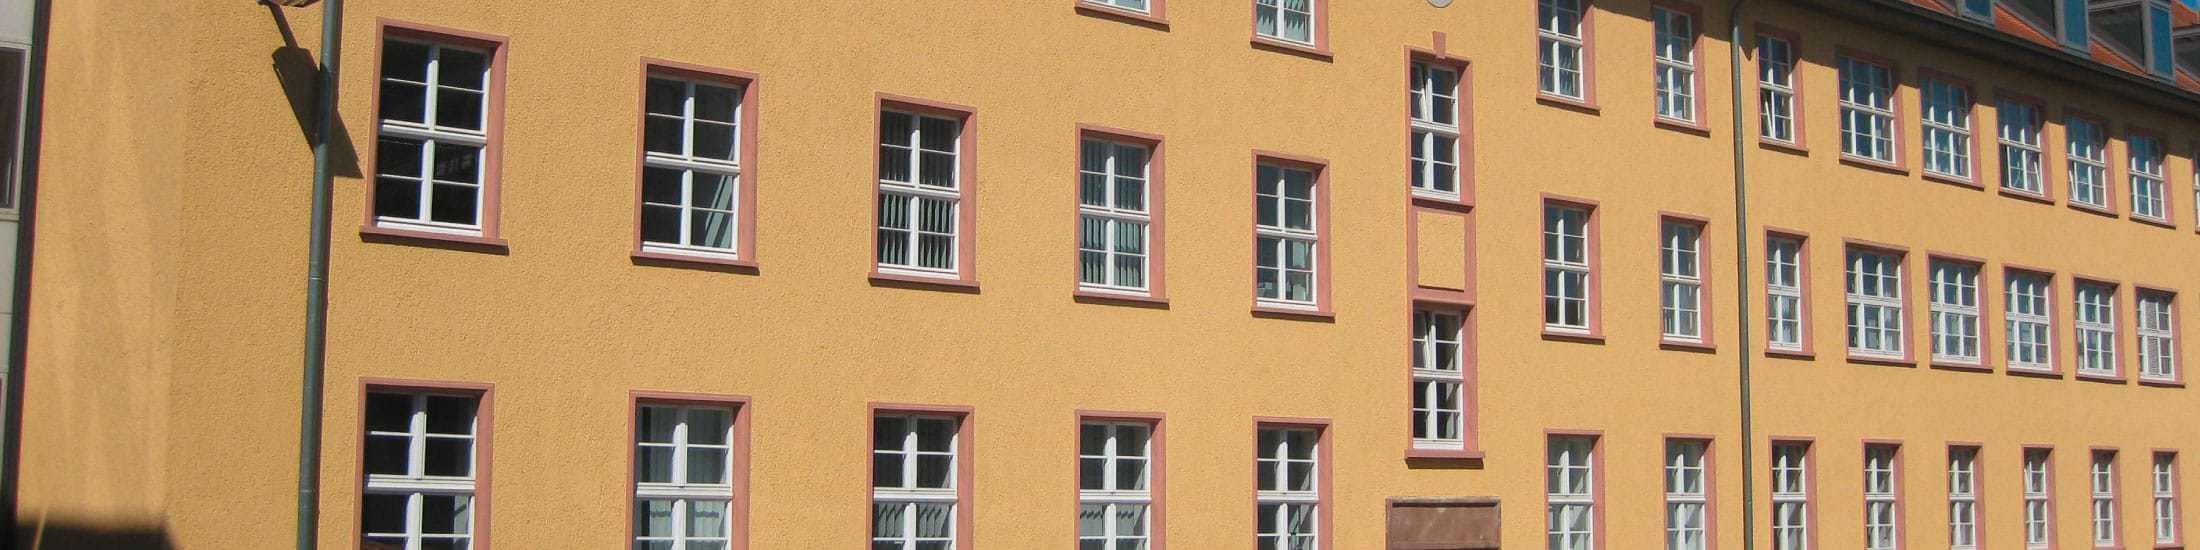 Instandsetzung-/haltung, Bauunternehmen Saarlouis